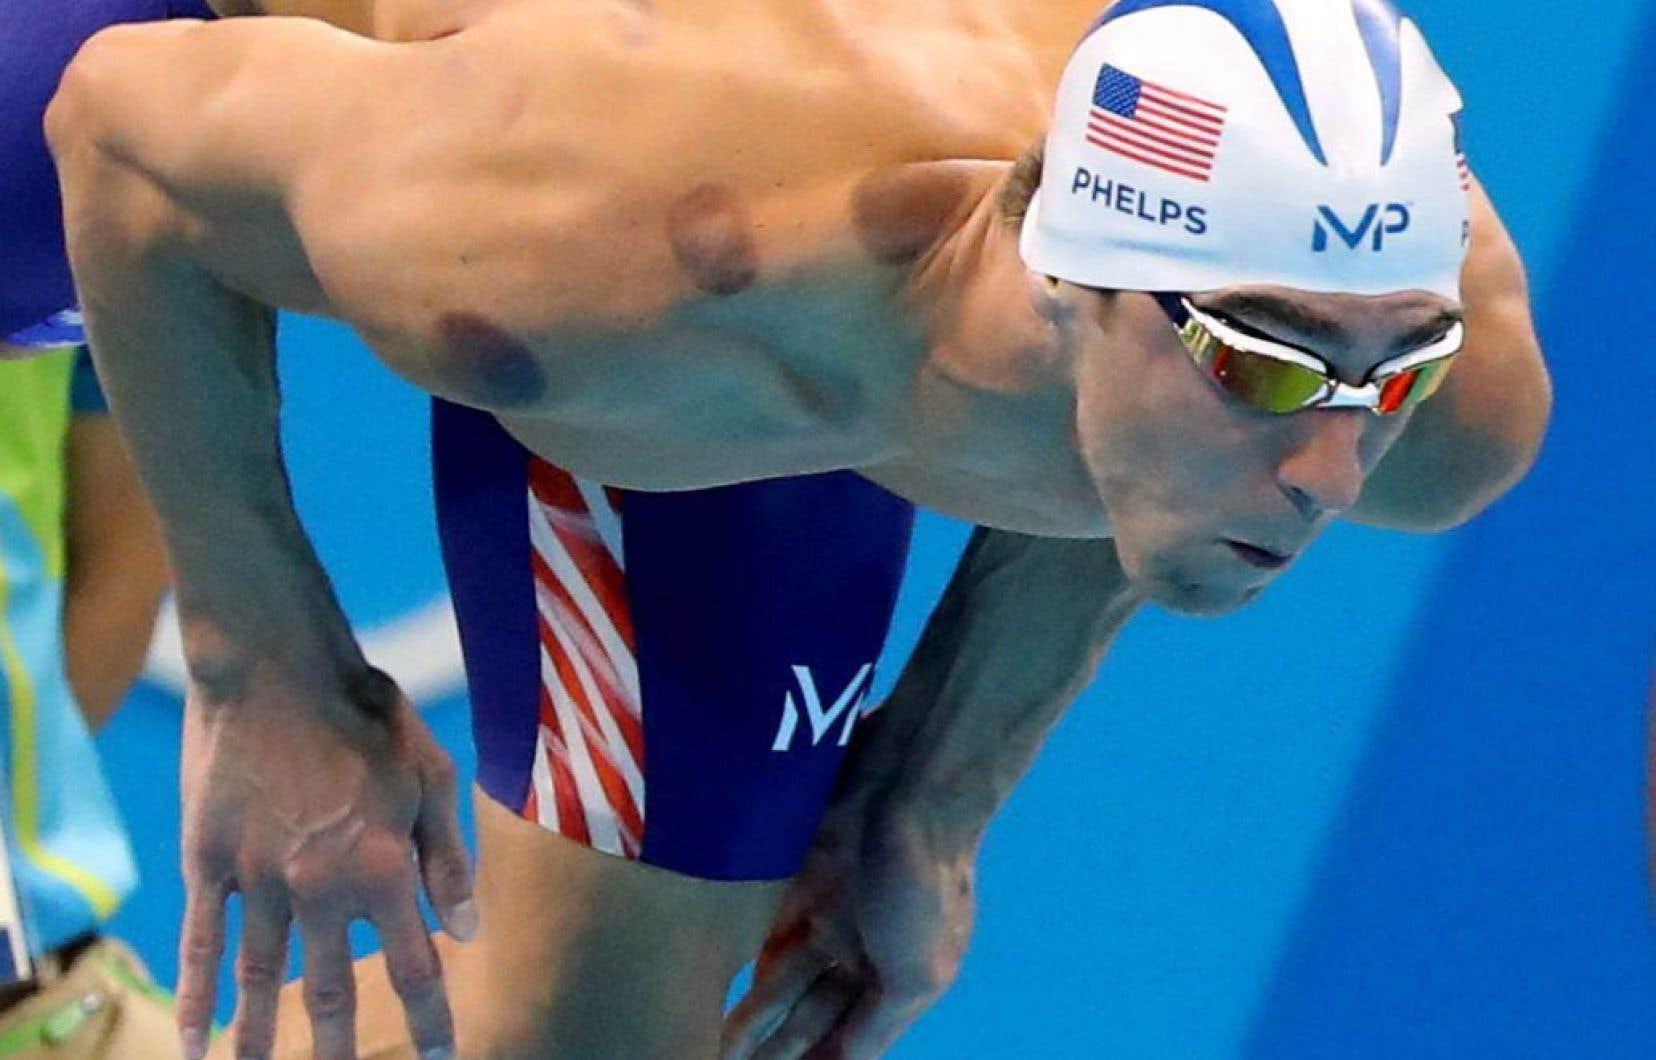 Très remarquées sur les épaules de Michael Phelps aux Jeux olympiques de Rio, les marques rouges aux allures de gros suçons résultent du cupping.